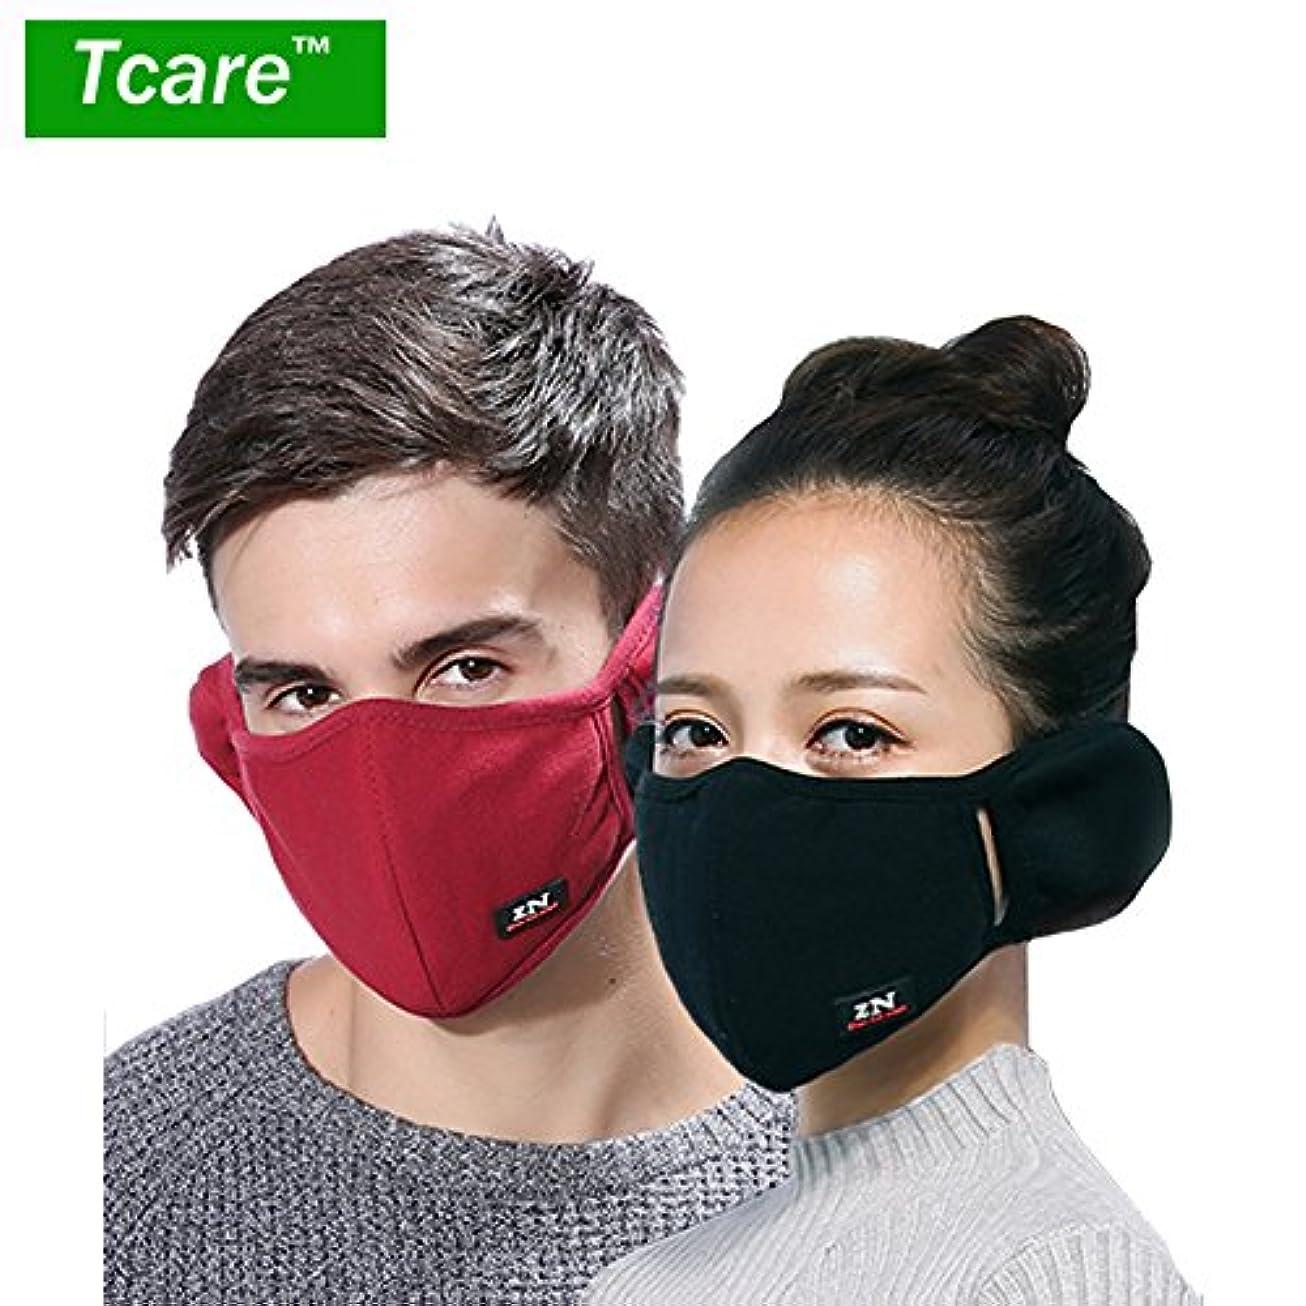 規則性省略する集める男性女性の少年少女のためのTcare呼吸器2レイヤピュアコットン保護フィルター挿入口:1レッド